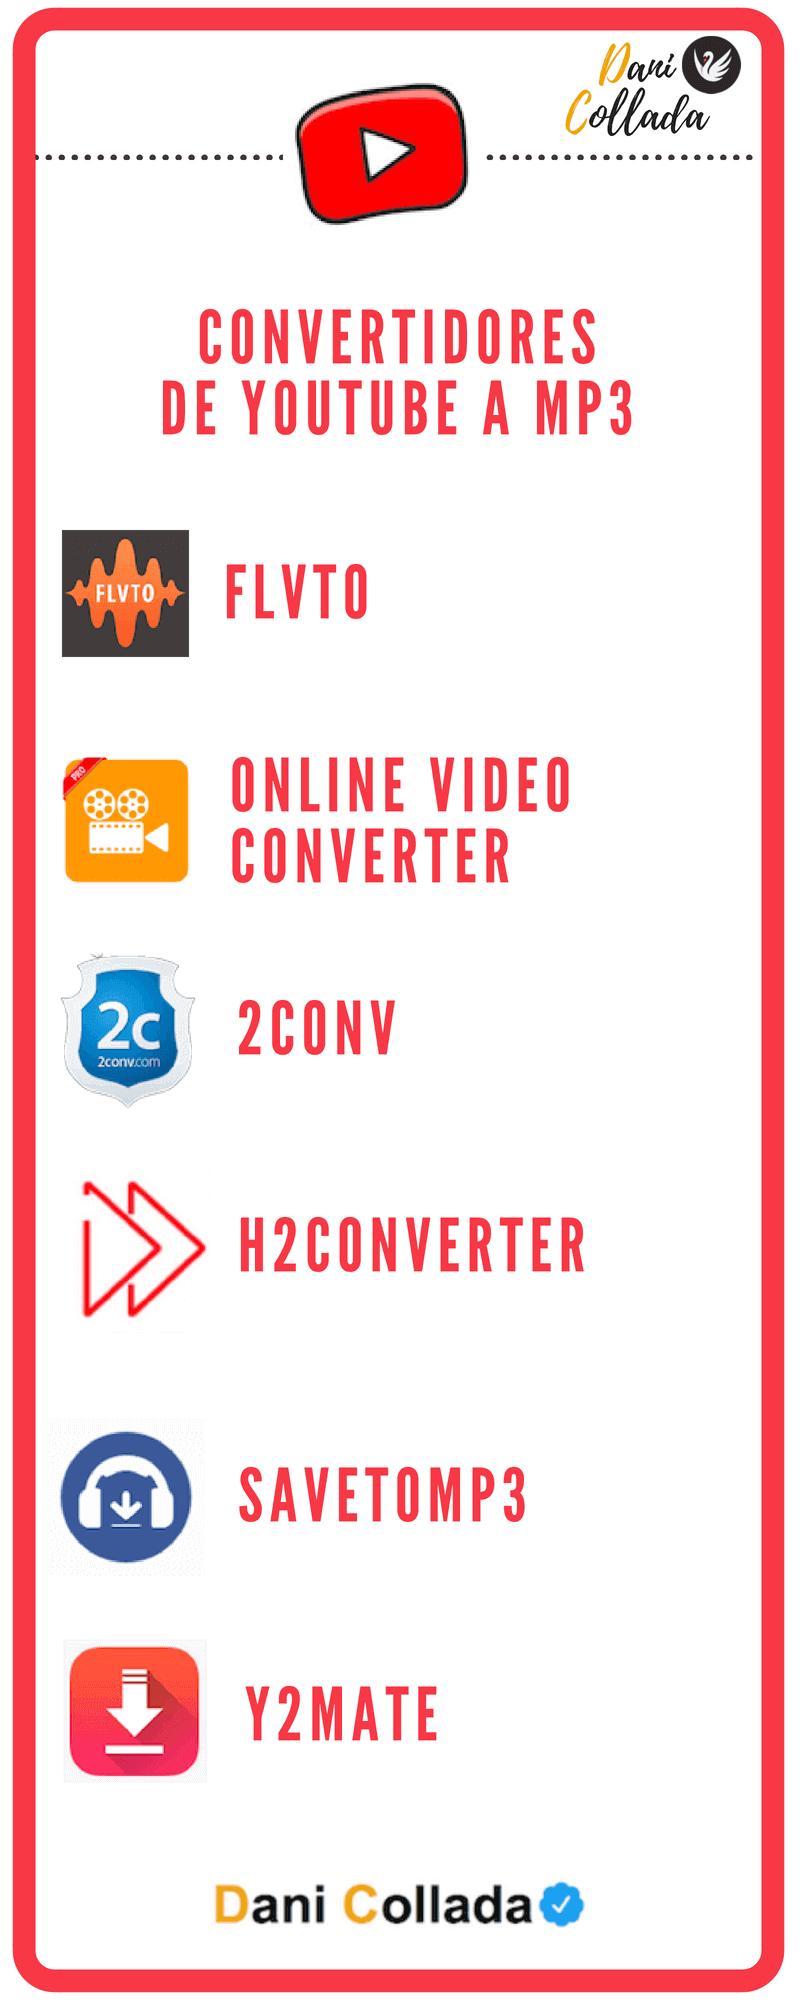 Convertidor Youtube Mp3 Gratis Y Online Youtube Online Gratis